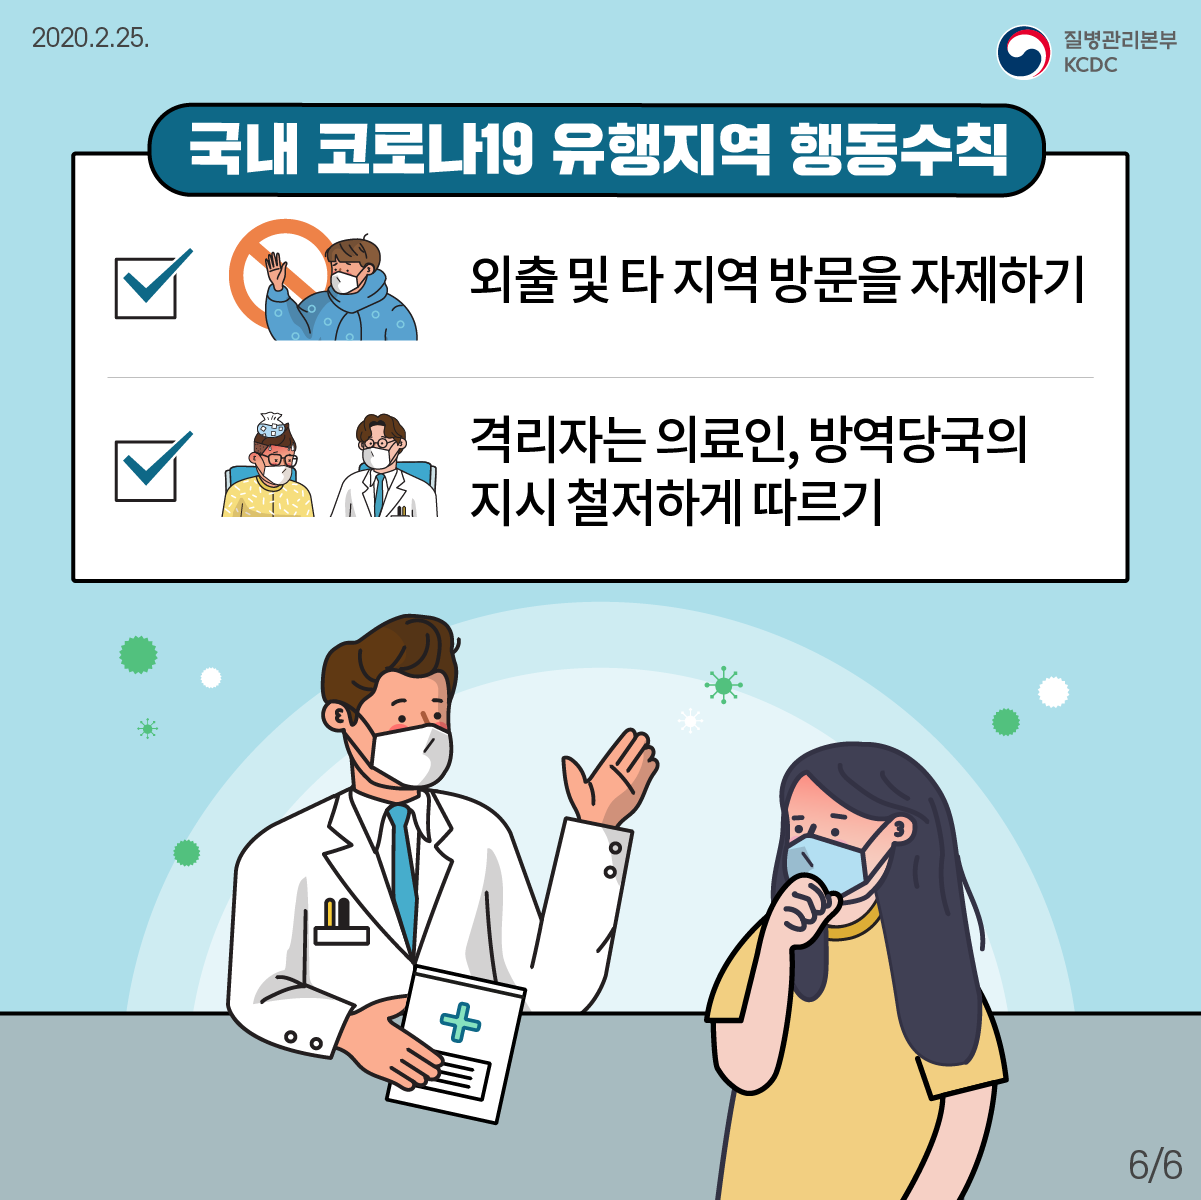 국민예방행동수칙(카드뉴스)_6